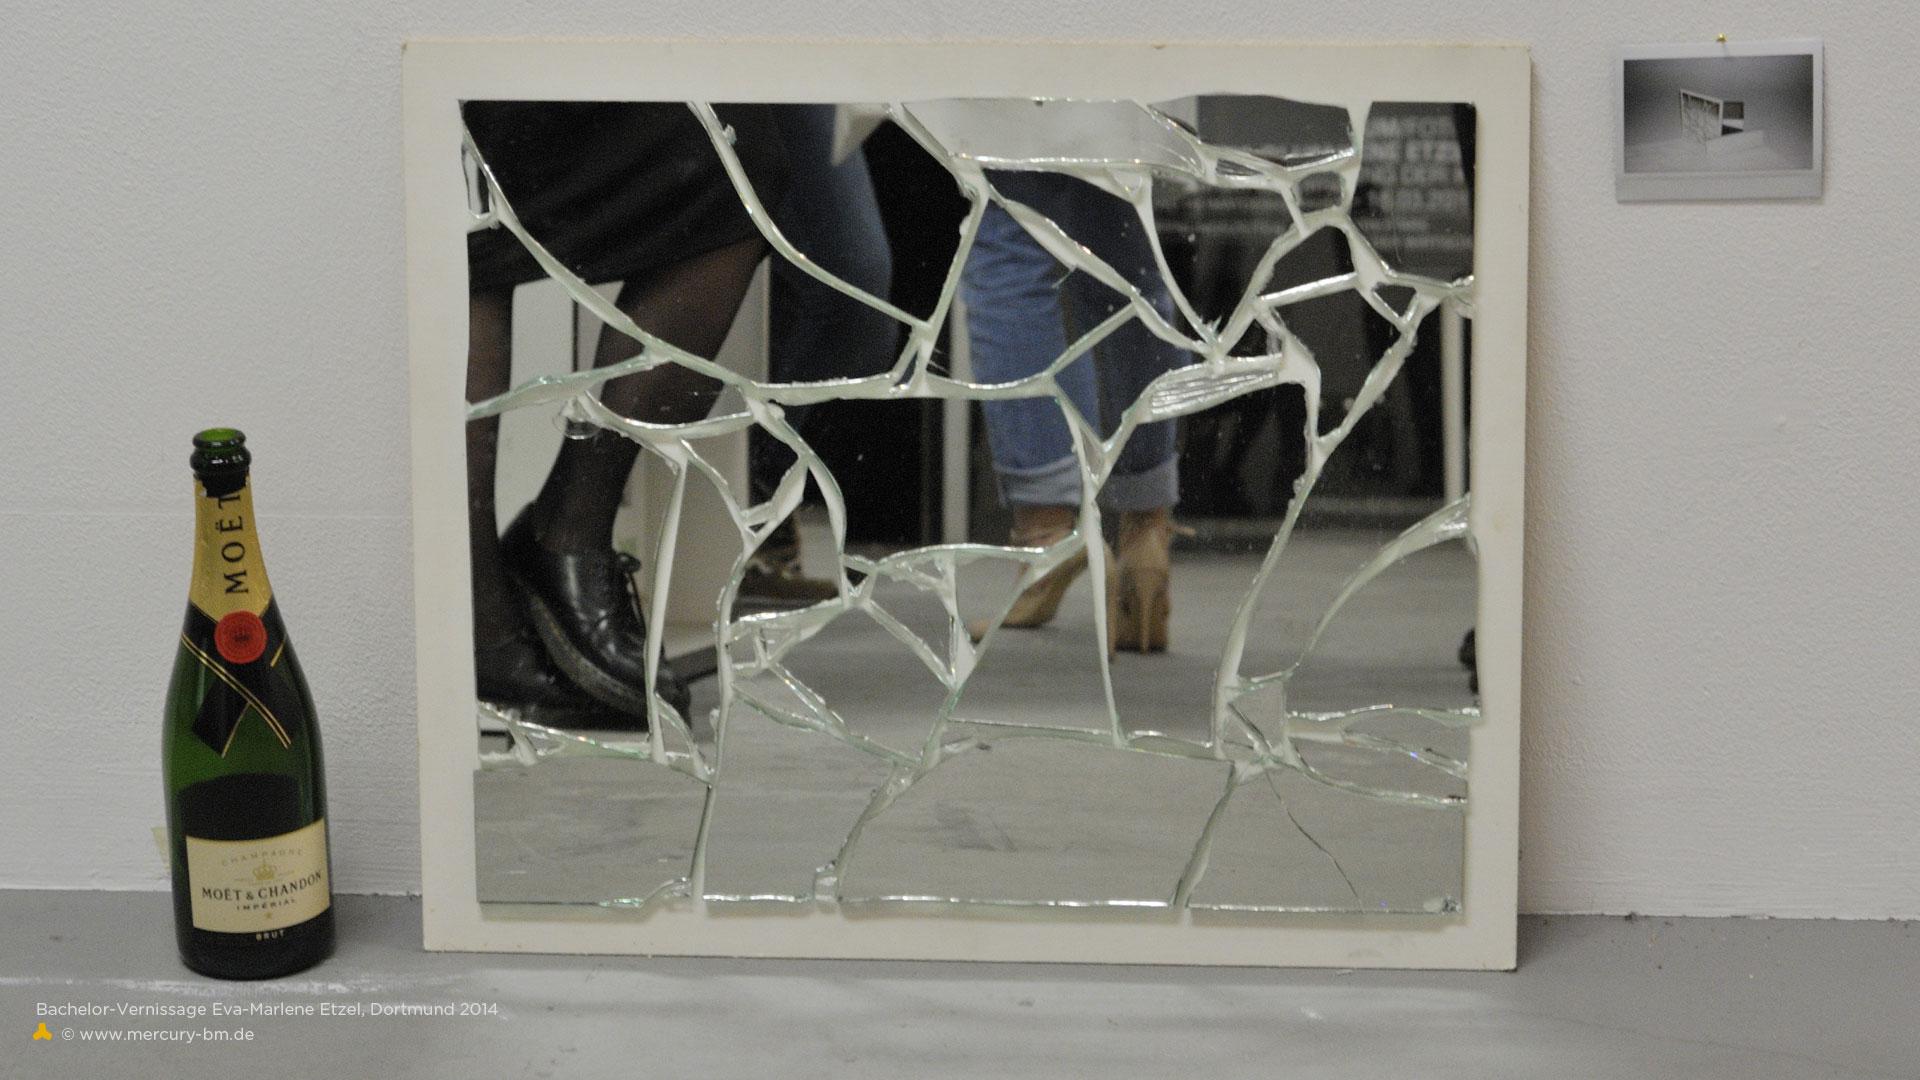 Ausstellung mit zerbrochenem Spiegel, der Frauenbeine reflektiert